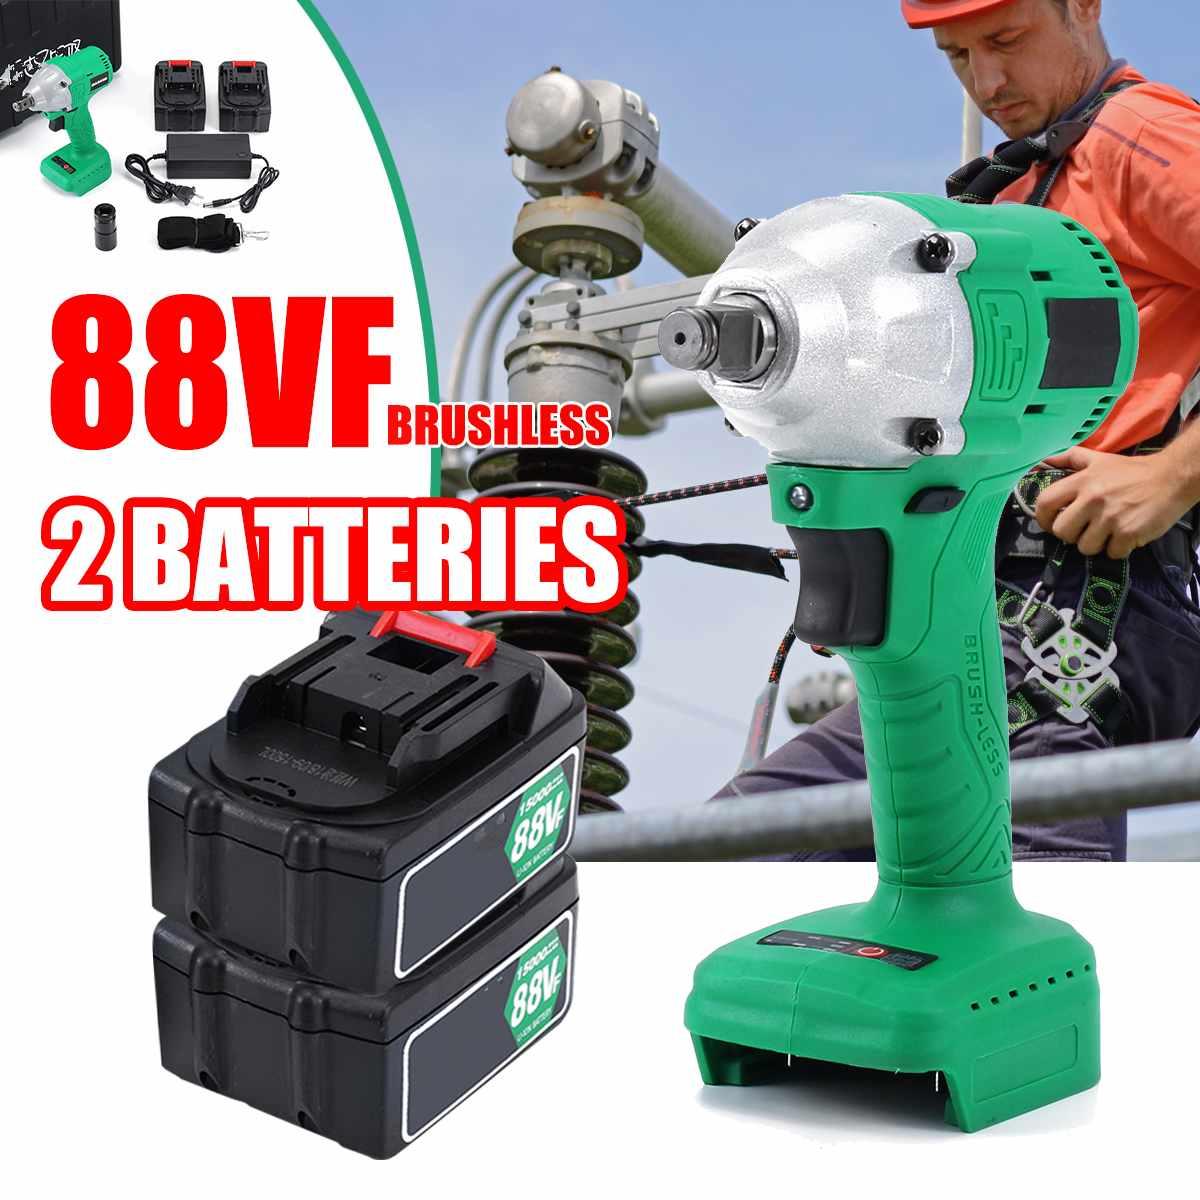 460Nm Max couple 1/2 pouces prise de voiture sans brosse sans fil clé à chocs bricolage ménage clé électrique changement des outils de pneu